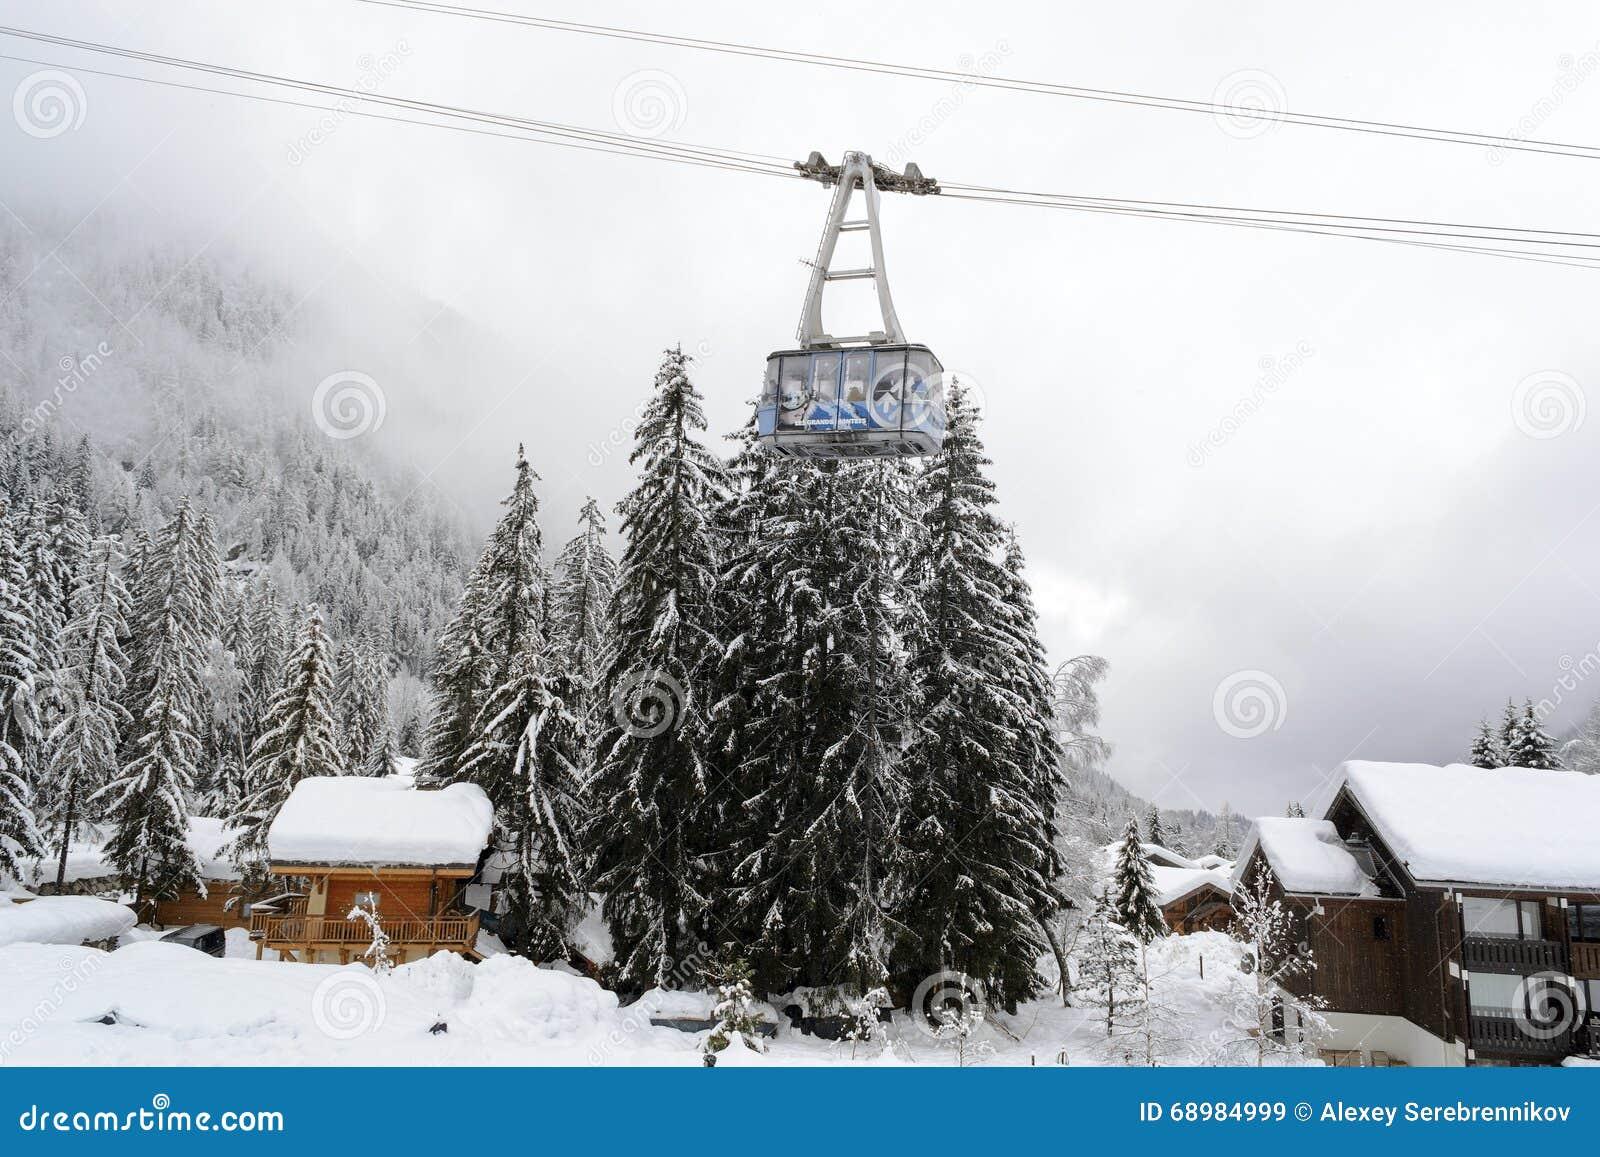 El bosque nevado y los chalets alpinos en un ferrocarril aéreo